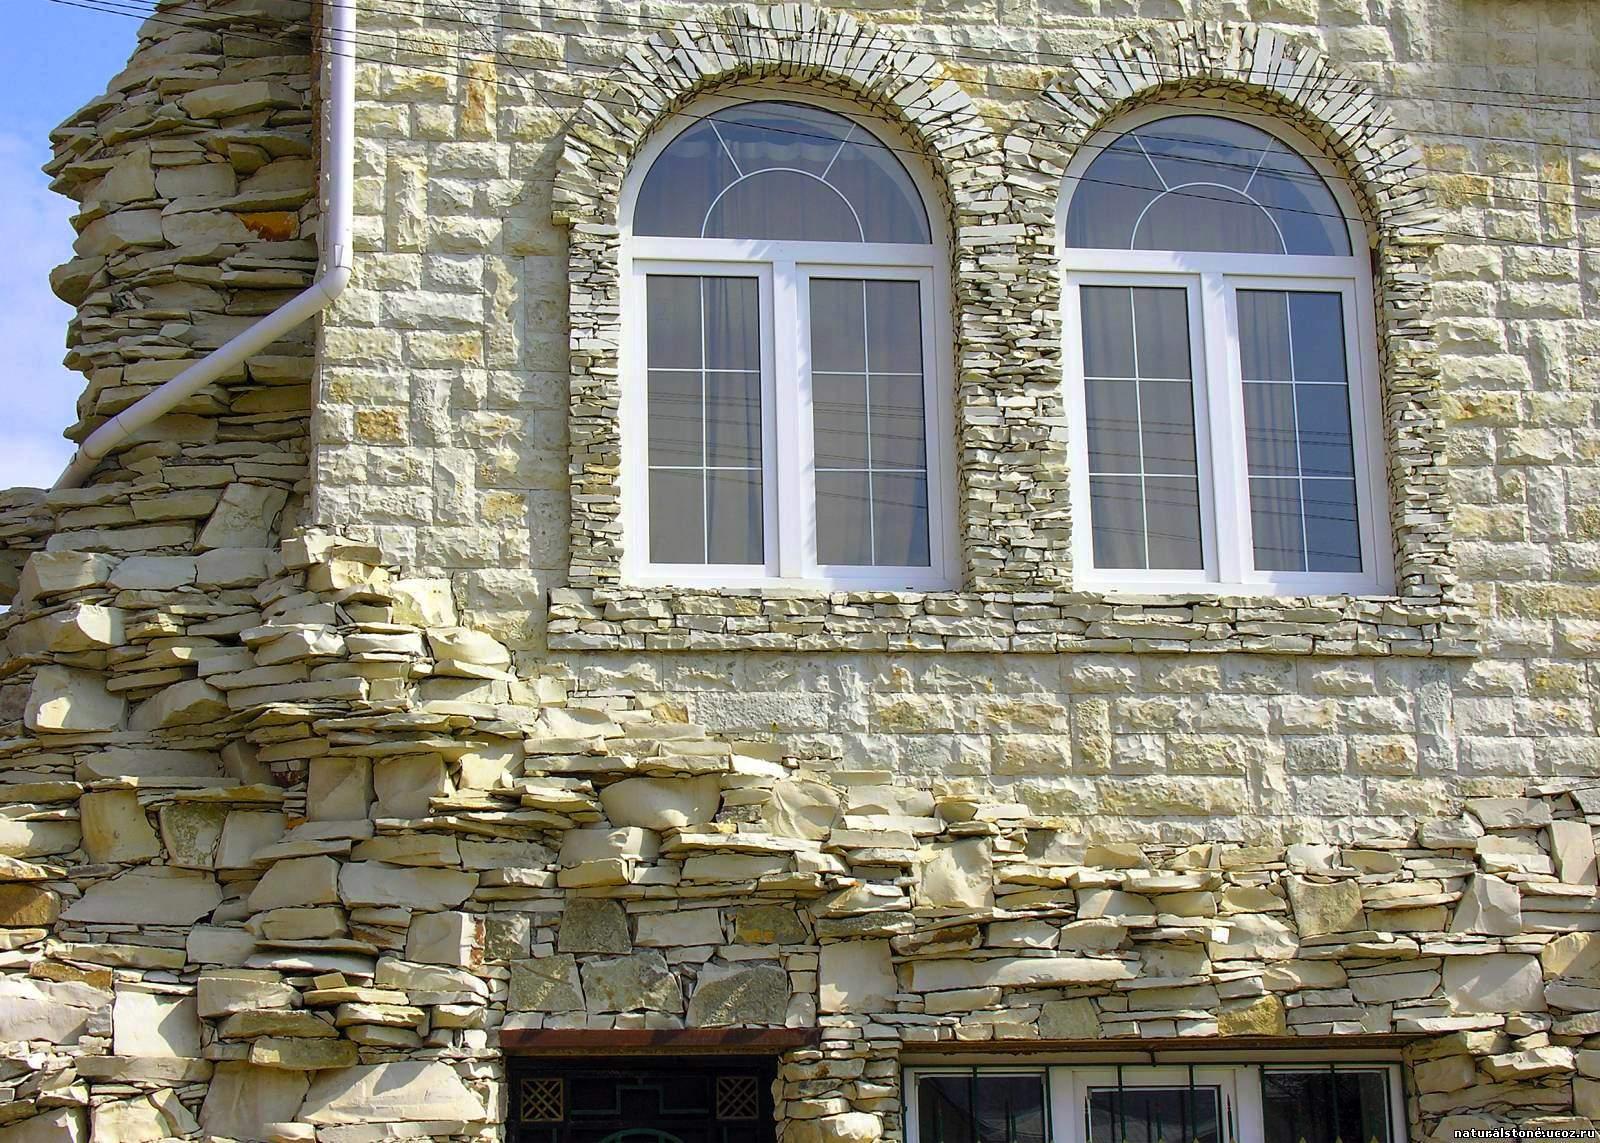 искусственный камень для облицовки дома